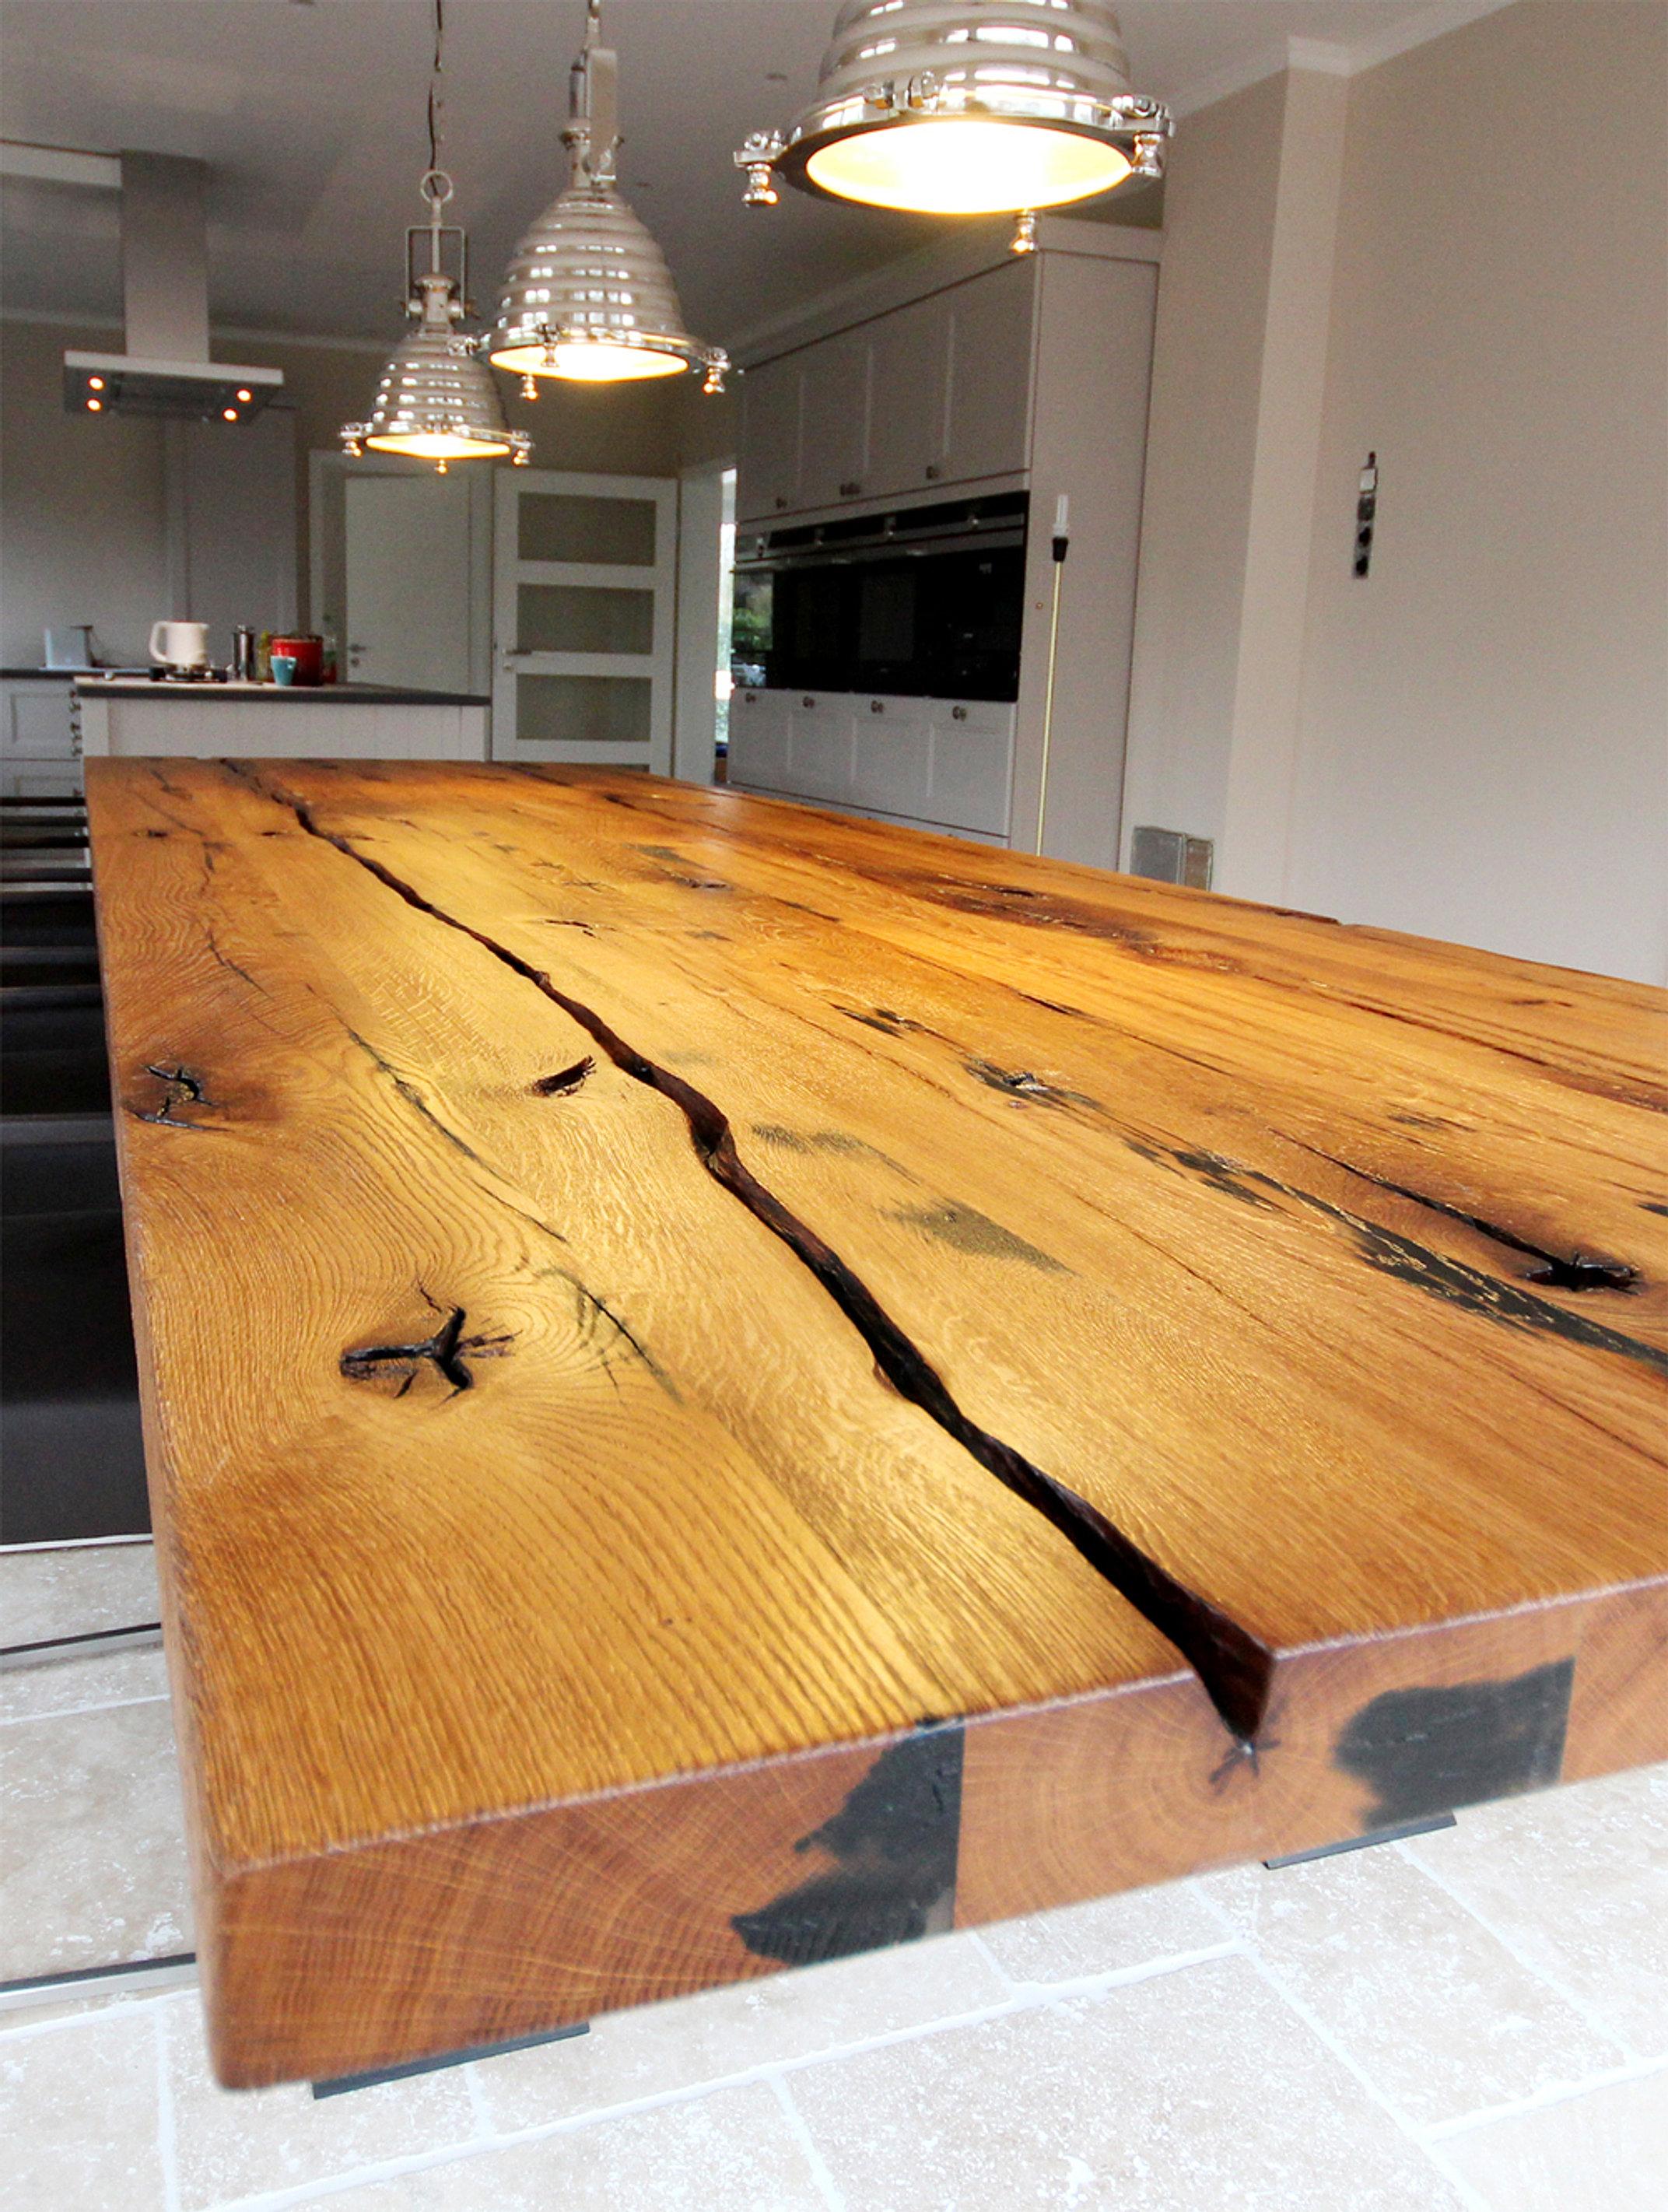 Holzplusart interiordesignwerkstatt altholzdesign for Langer esstisch